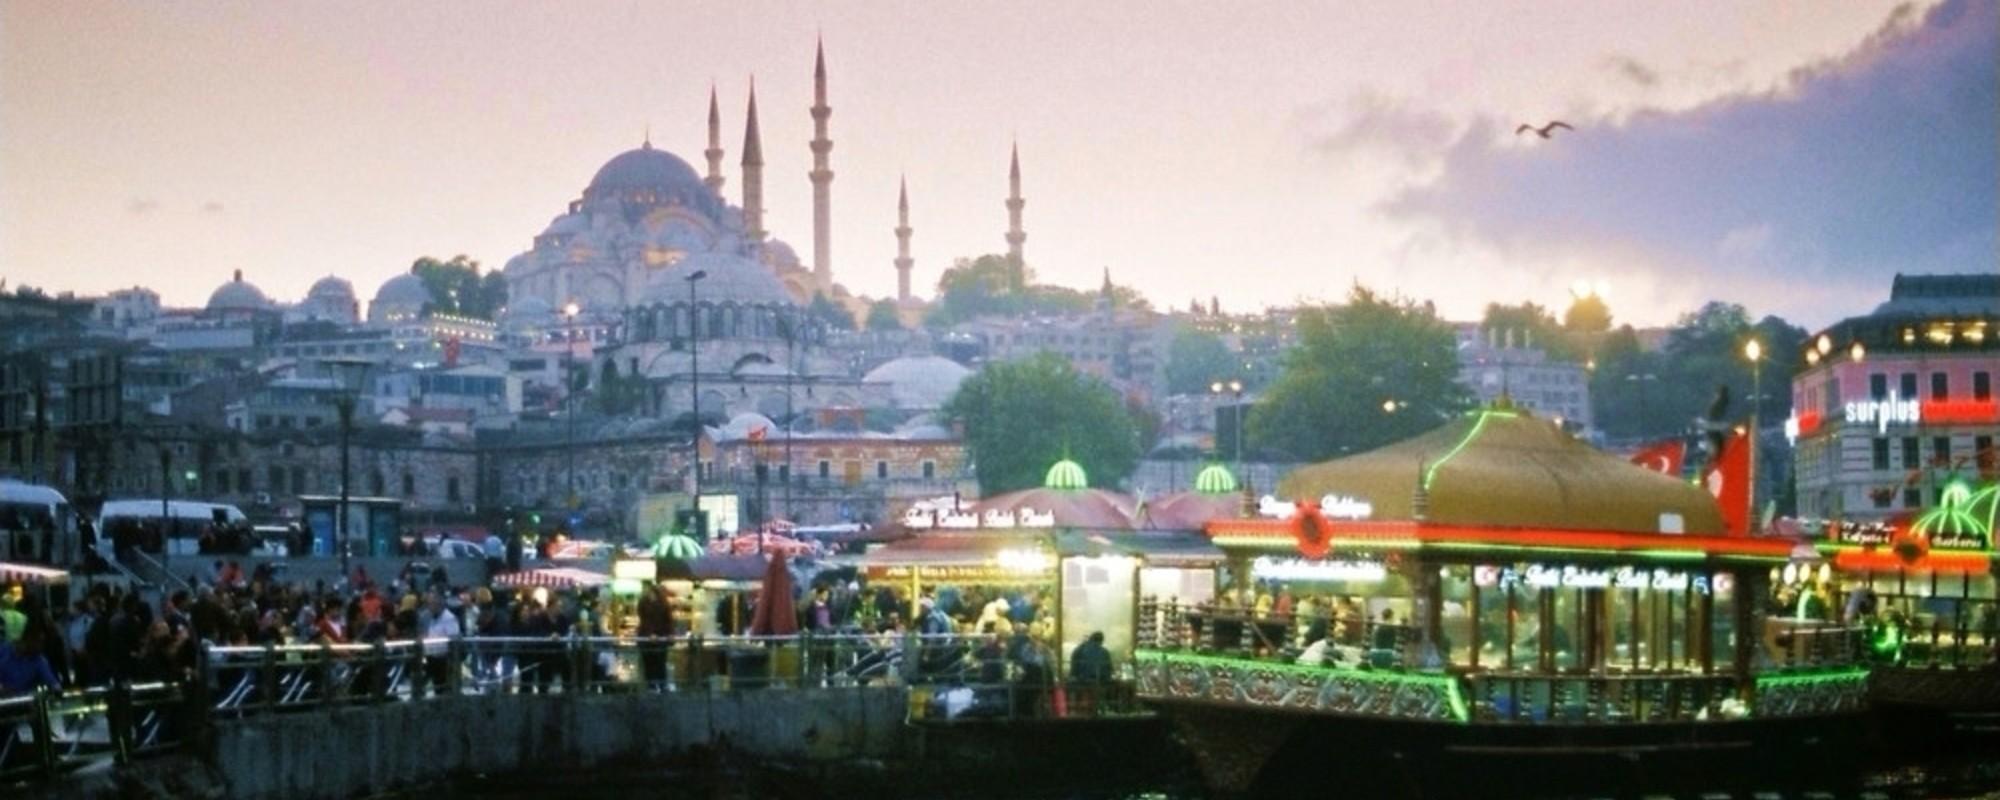 Fotos de ensueño de un viaje por Turquía